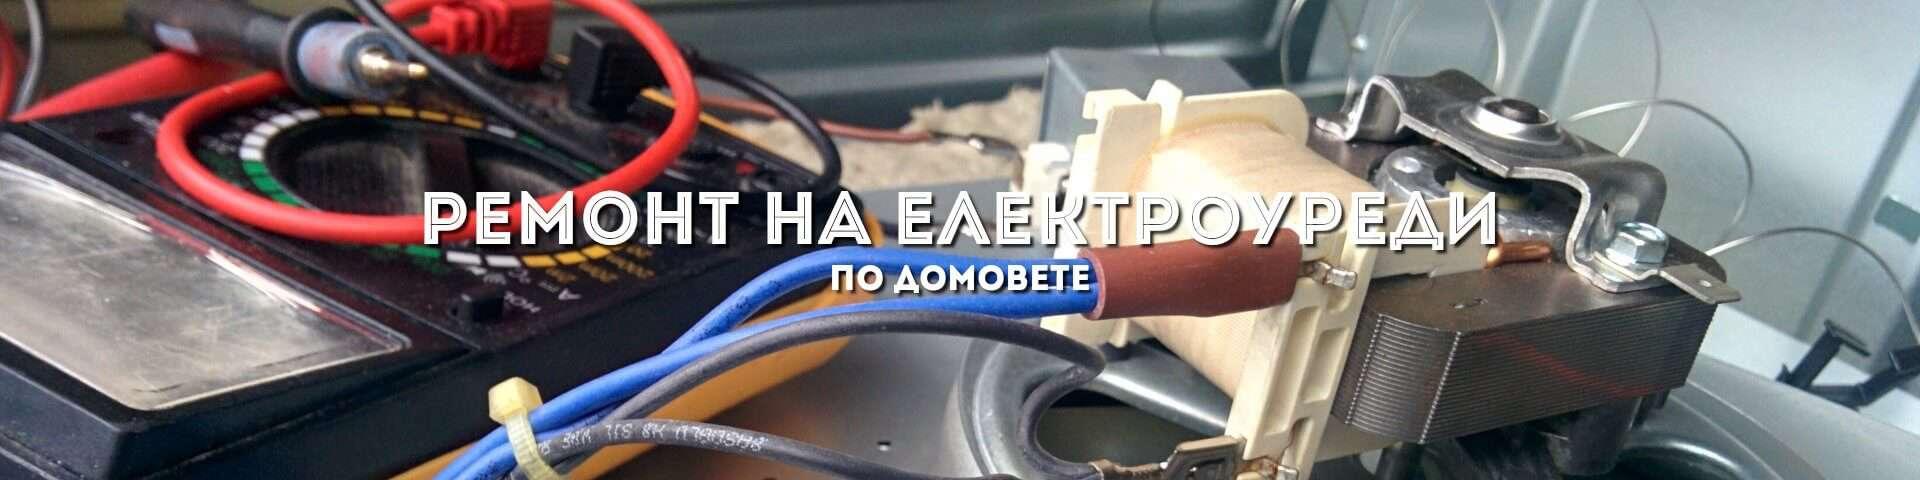 Ремонт на електроуреди - слайдер